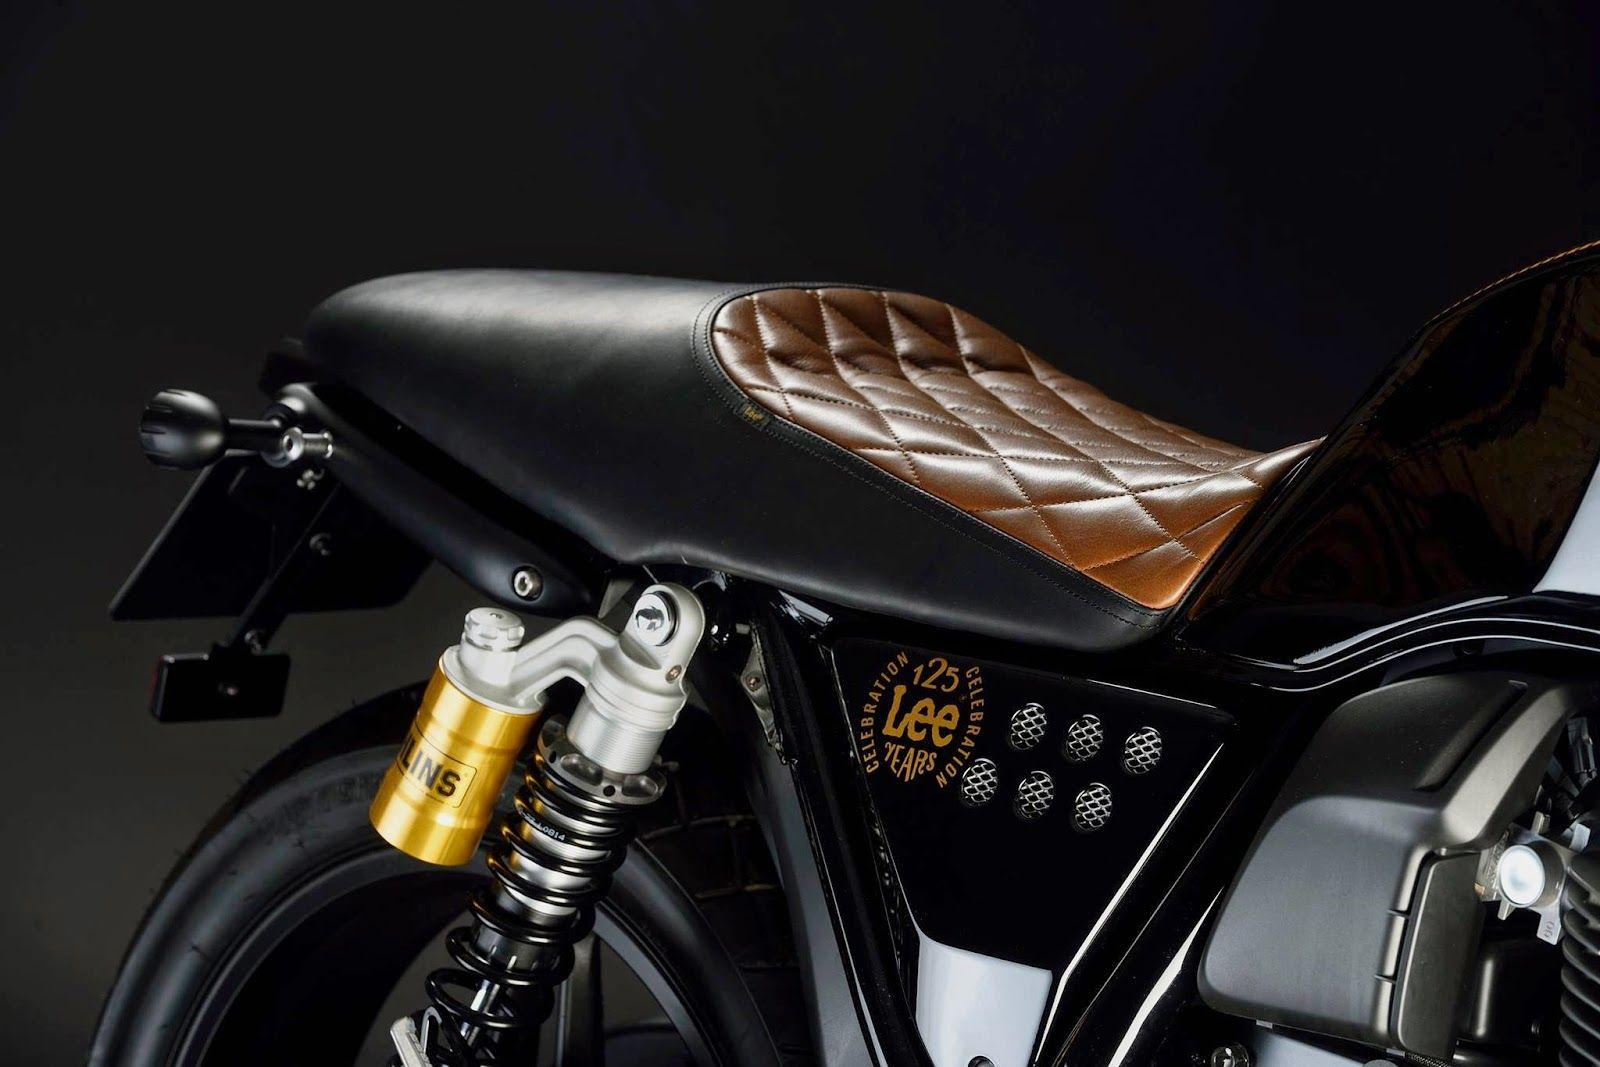 Racing caf honda cb 1100 lee by bad seeds motorcycle club